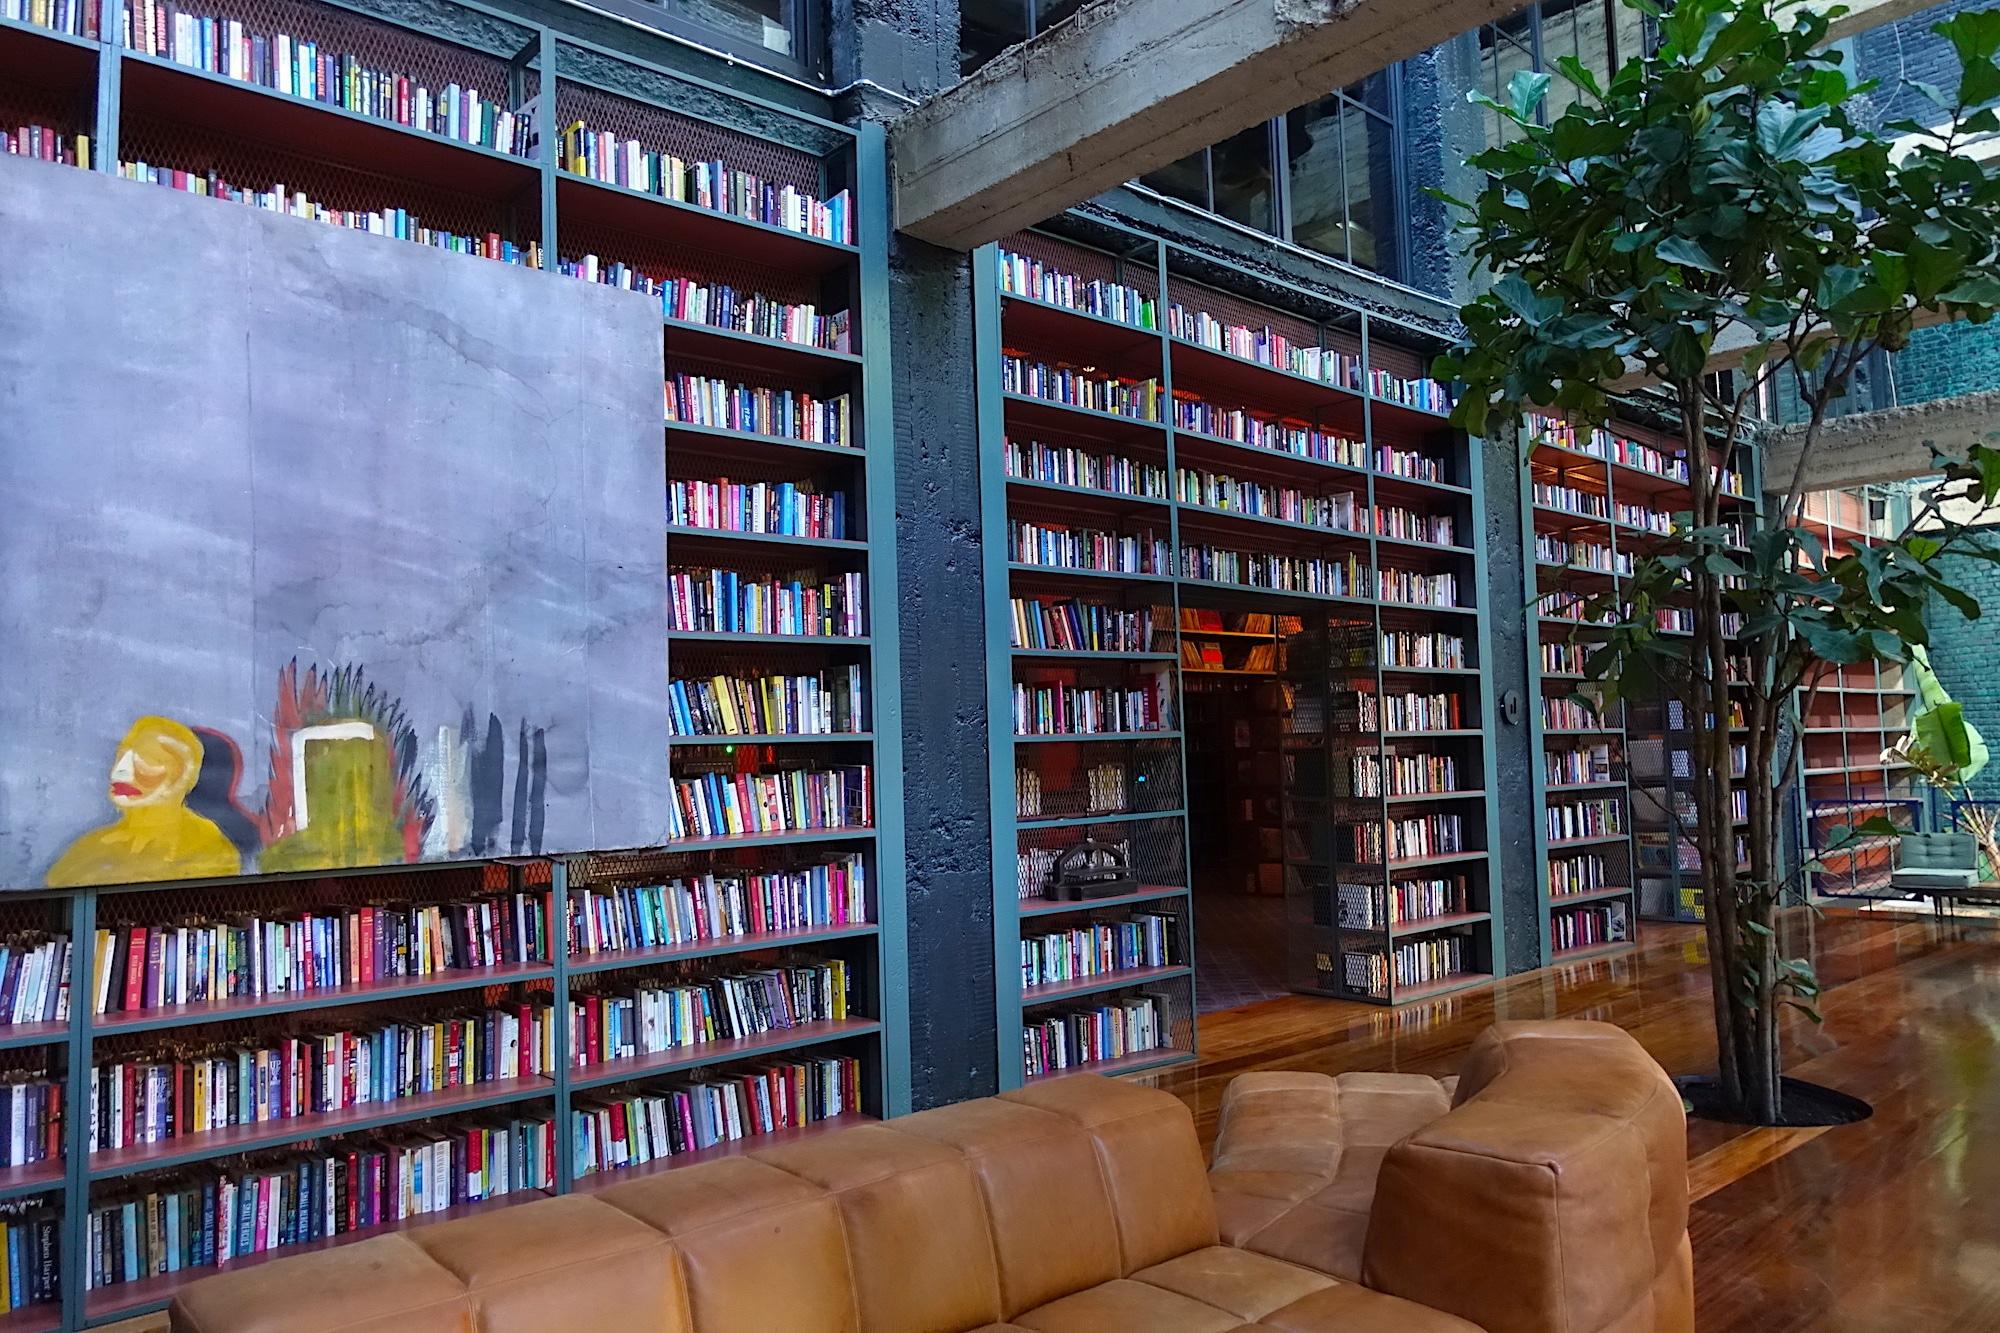 Professionell Auf Airbnb Vermieten & Weltweit Geld Verdienen